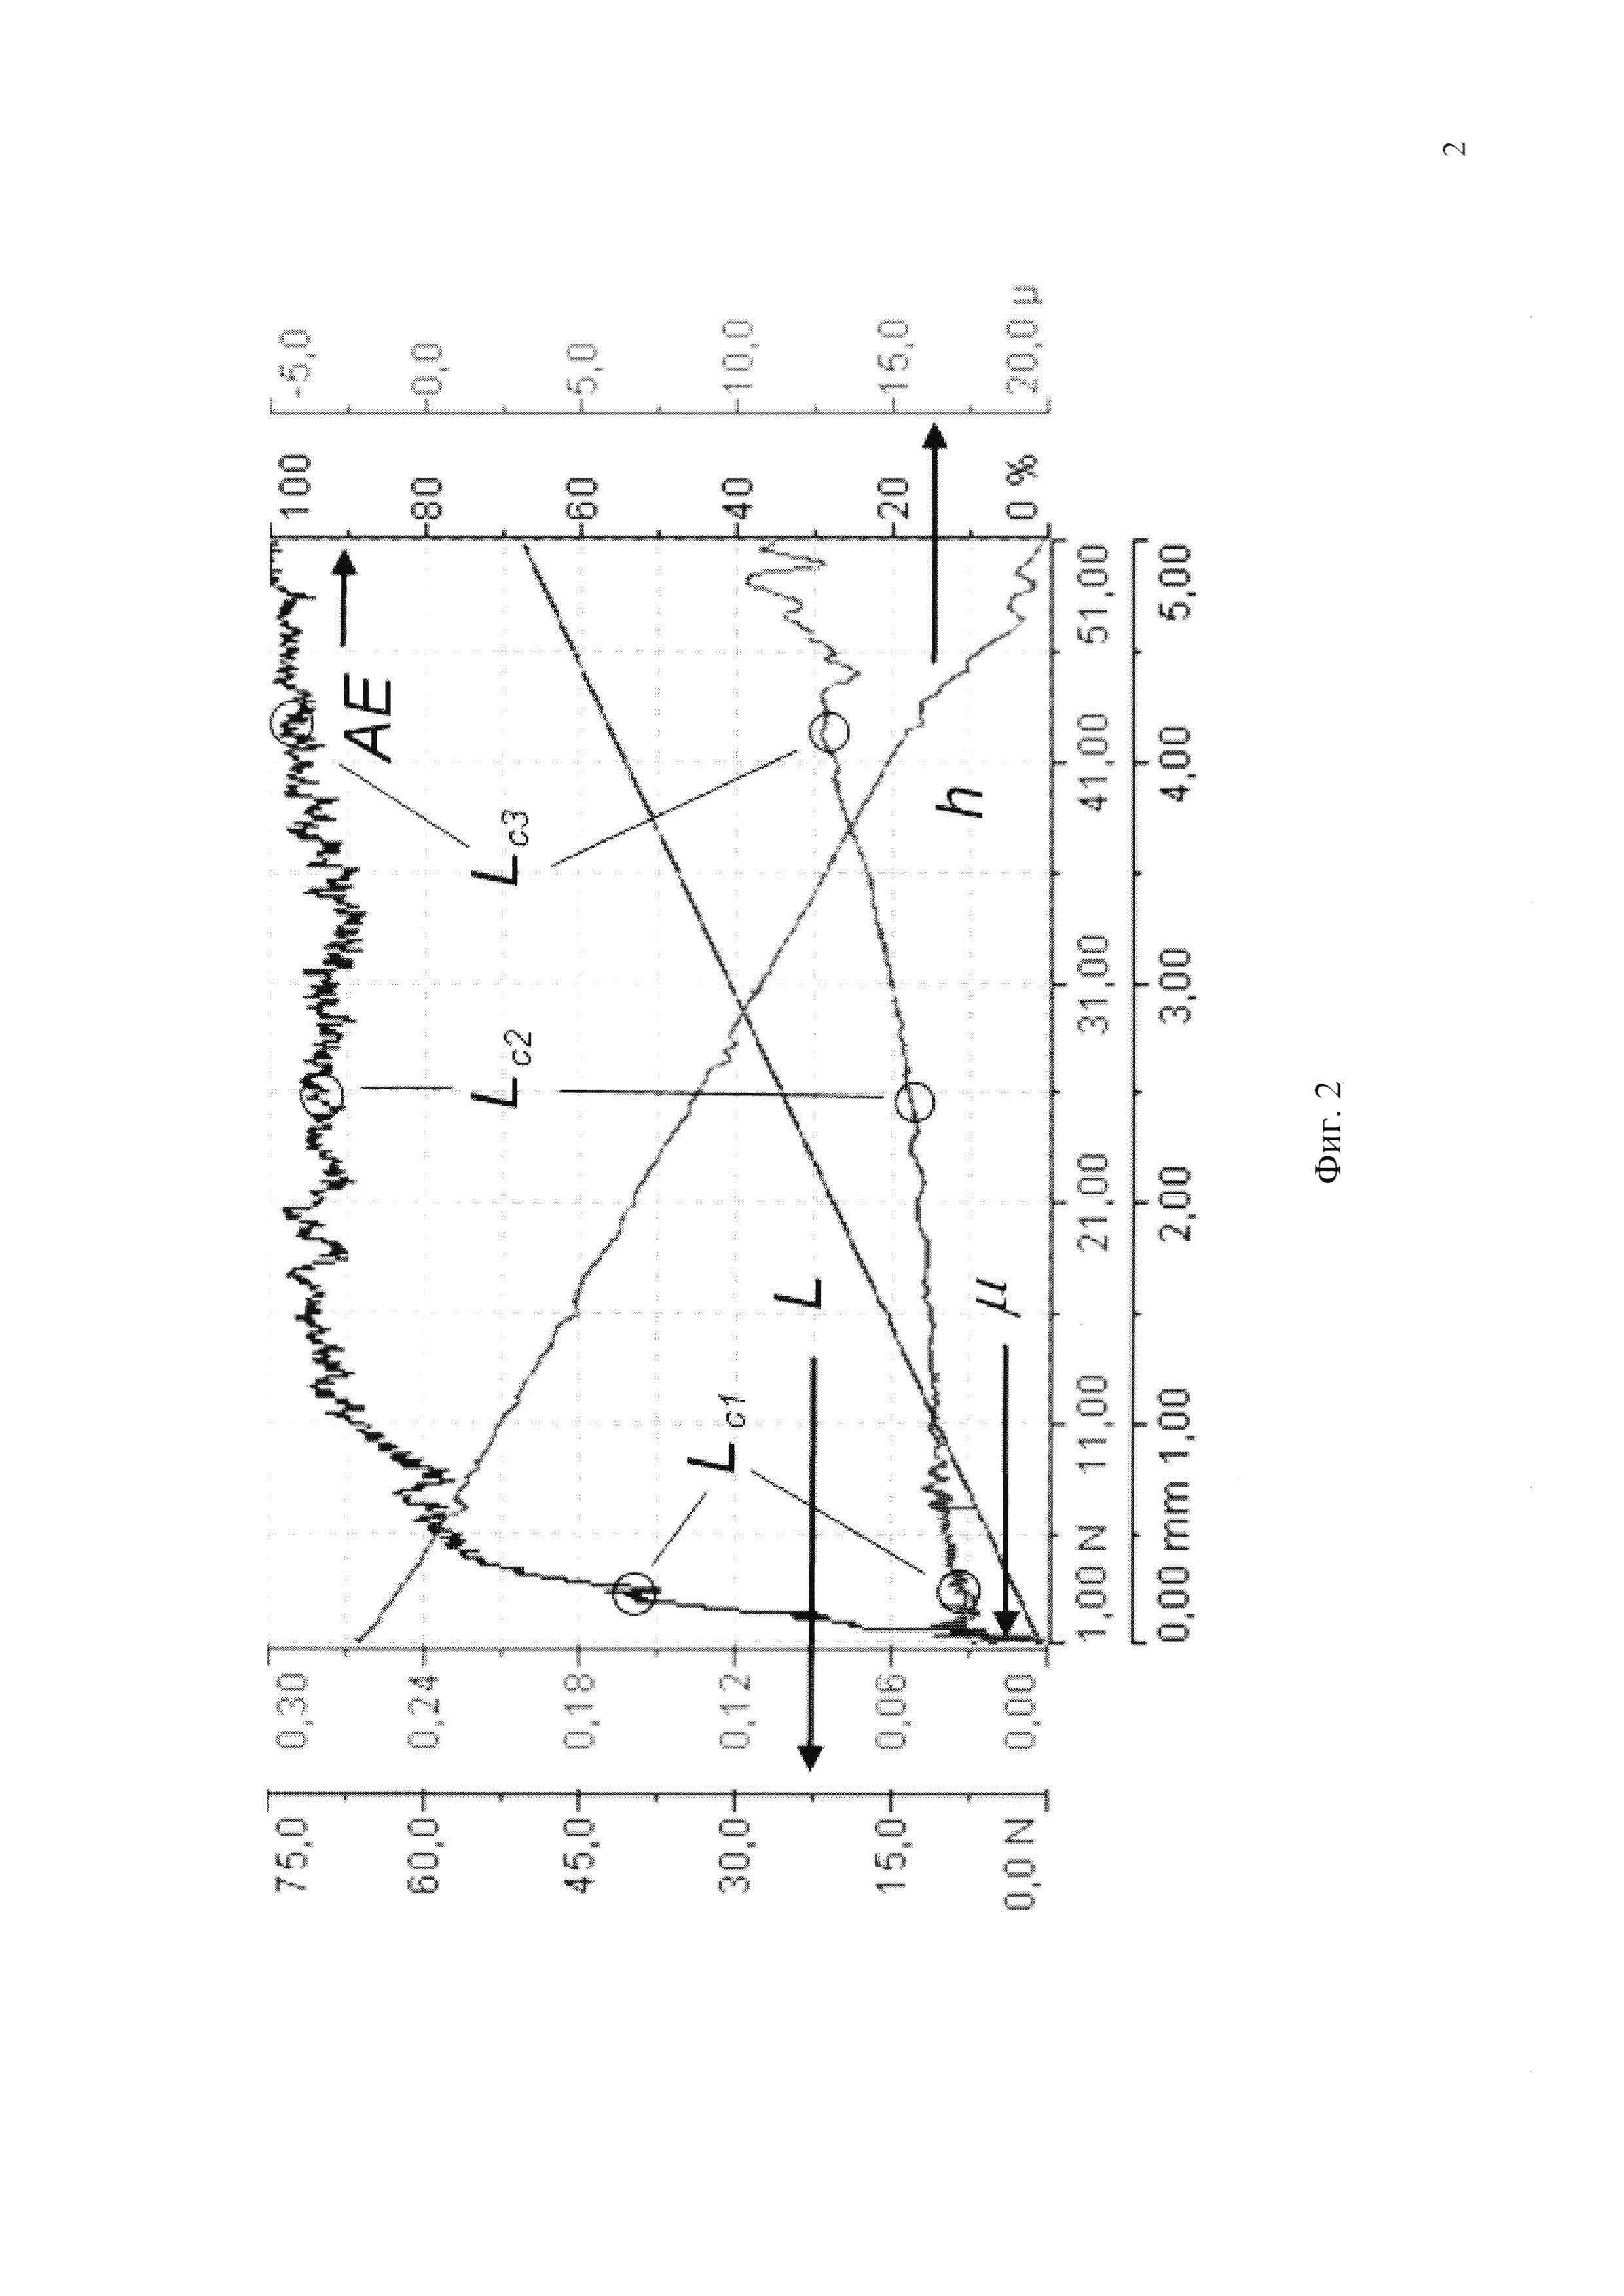 Способ получения прозрачного износостойкого покрытия на основе борида алюминия-магния на поверхности прозрачных стеклянных изделий